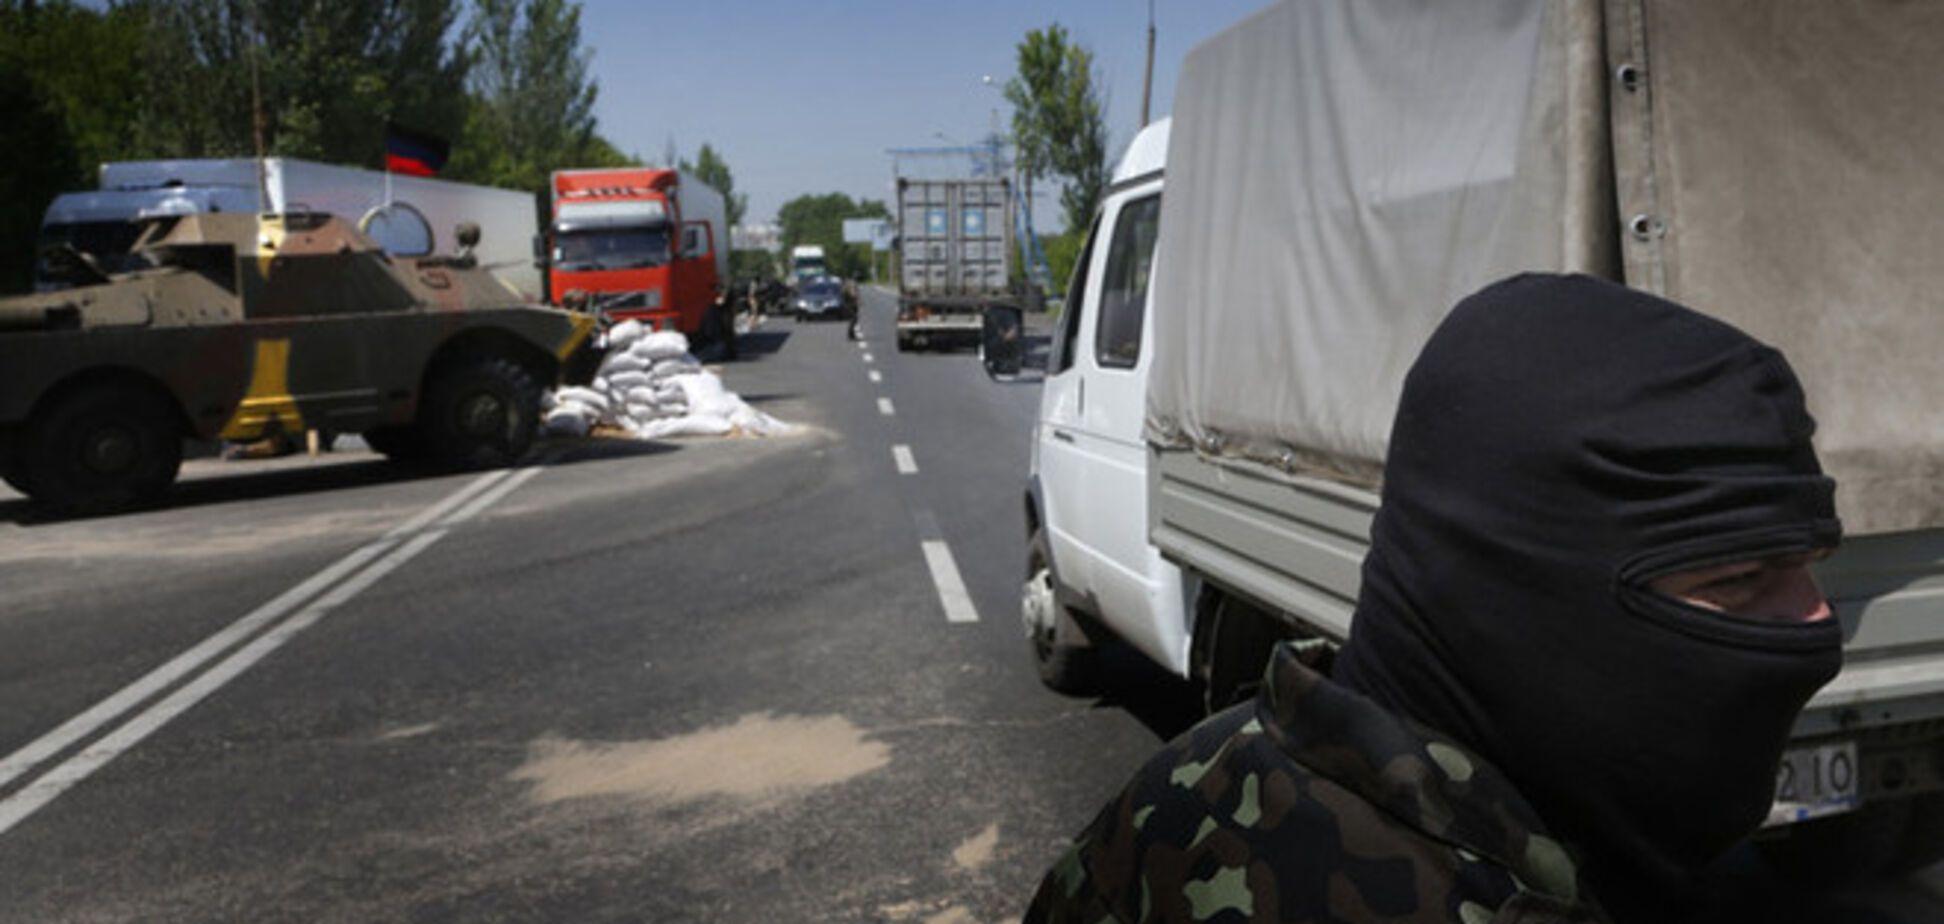 Немцов сравнил Донецк с Чечней времен войны